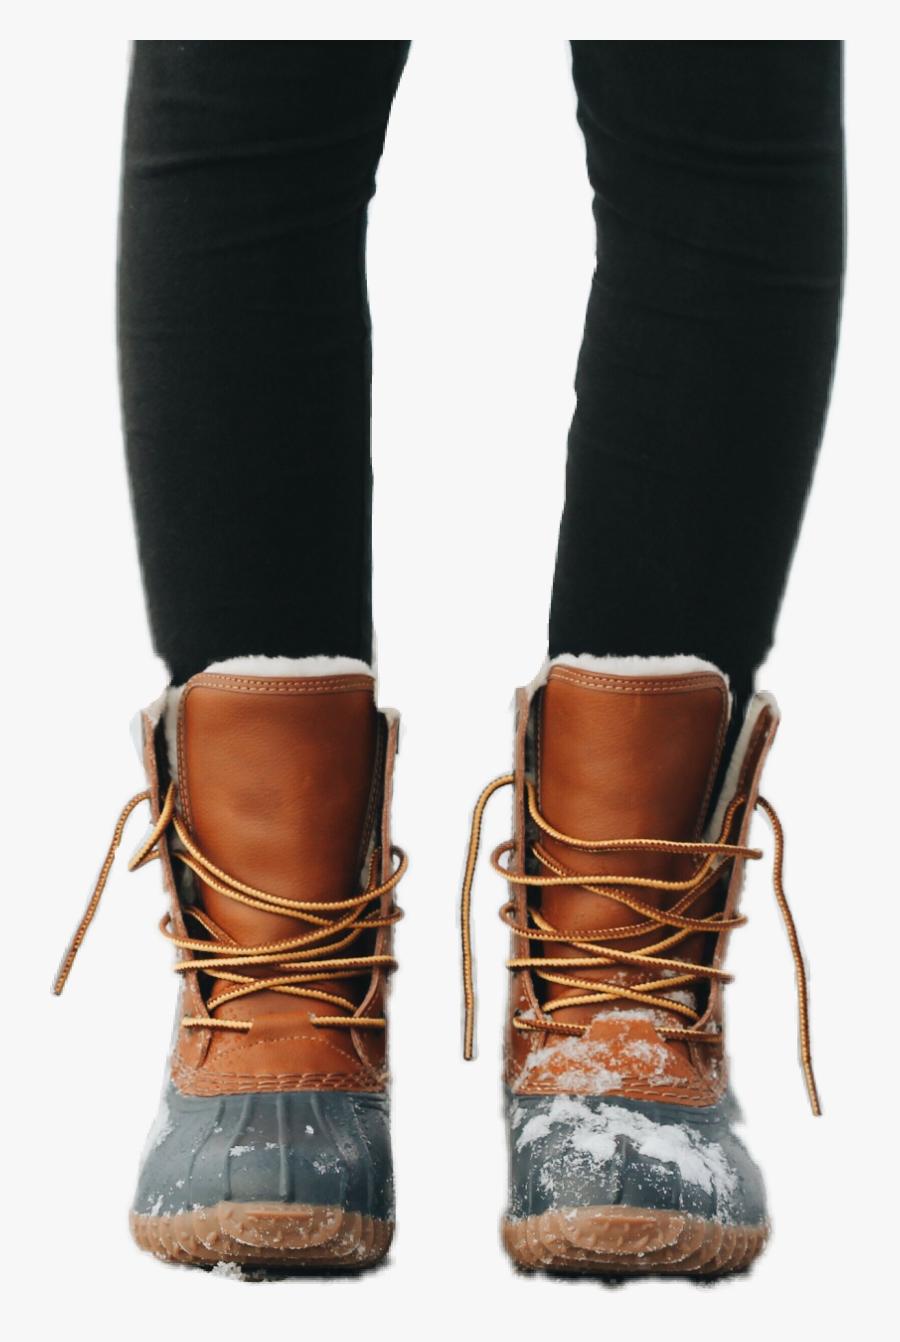 Transparent Botas Png - Warm Boots, Transparent Clipart